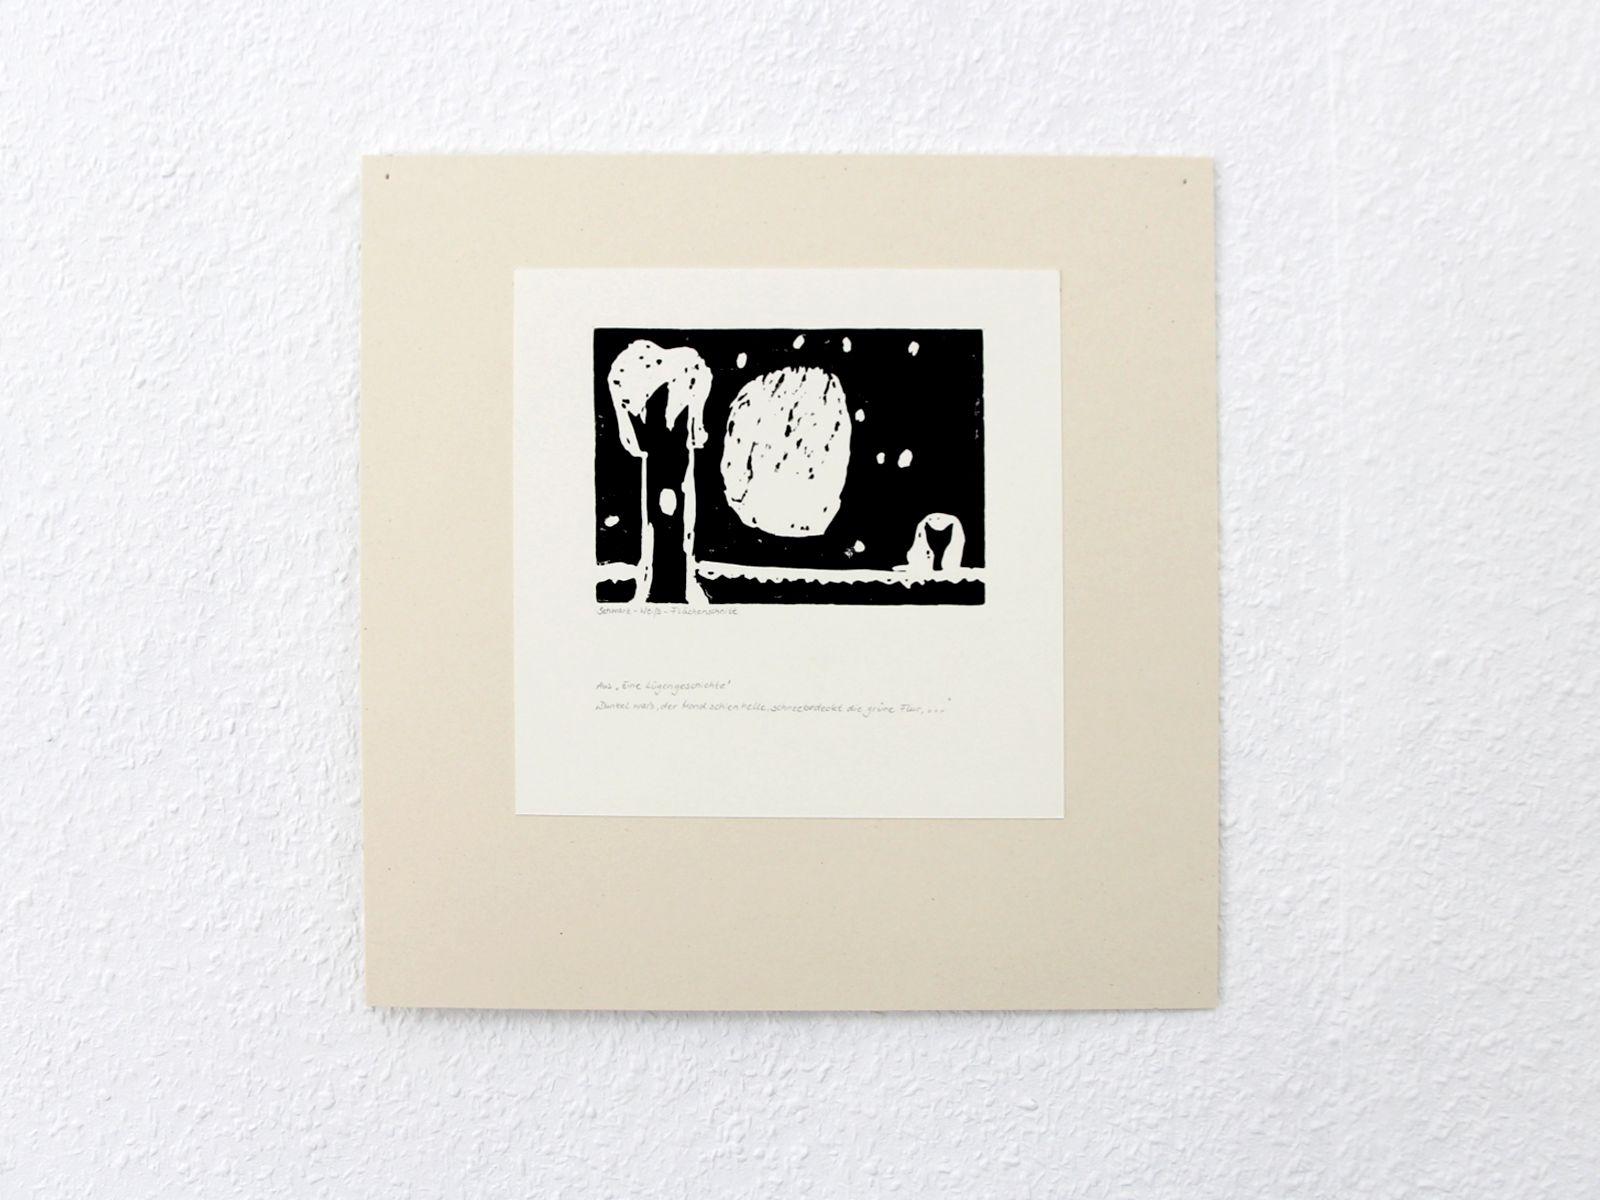 Kunstgespuer Kinderatelier-Ausstellung-Fantasievolle-Druckgrafik-Plastik Luegengeschichte 2